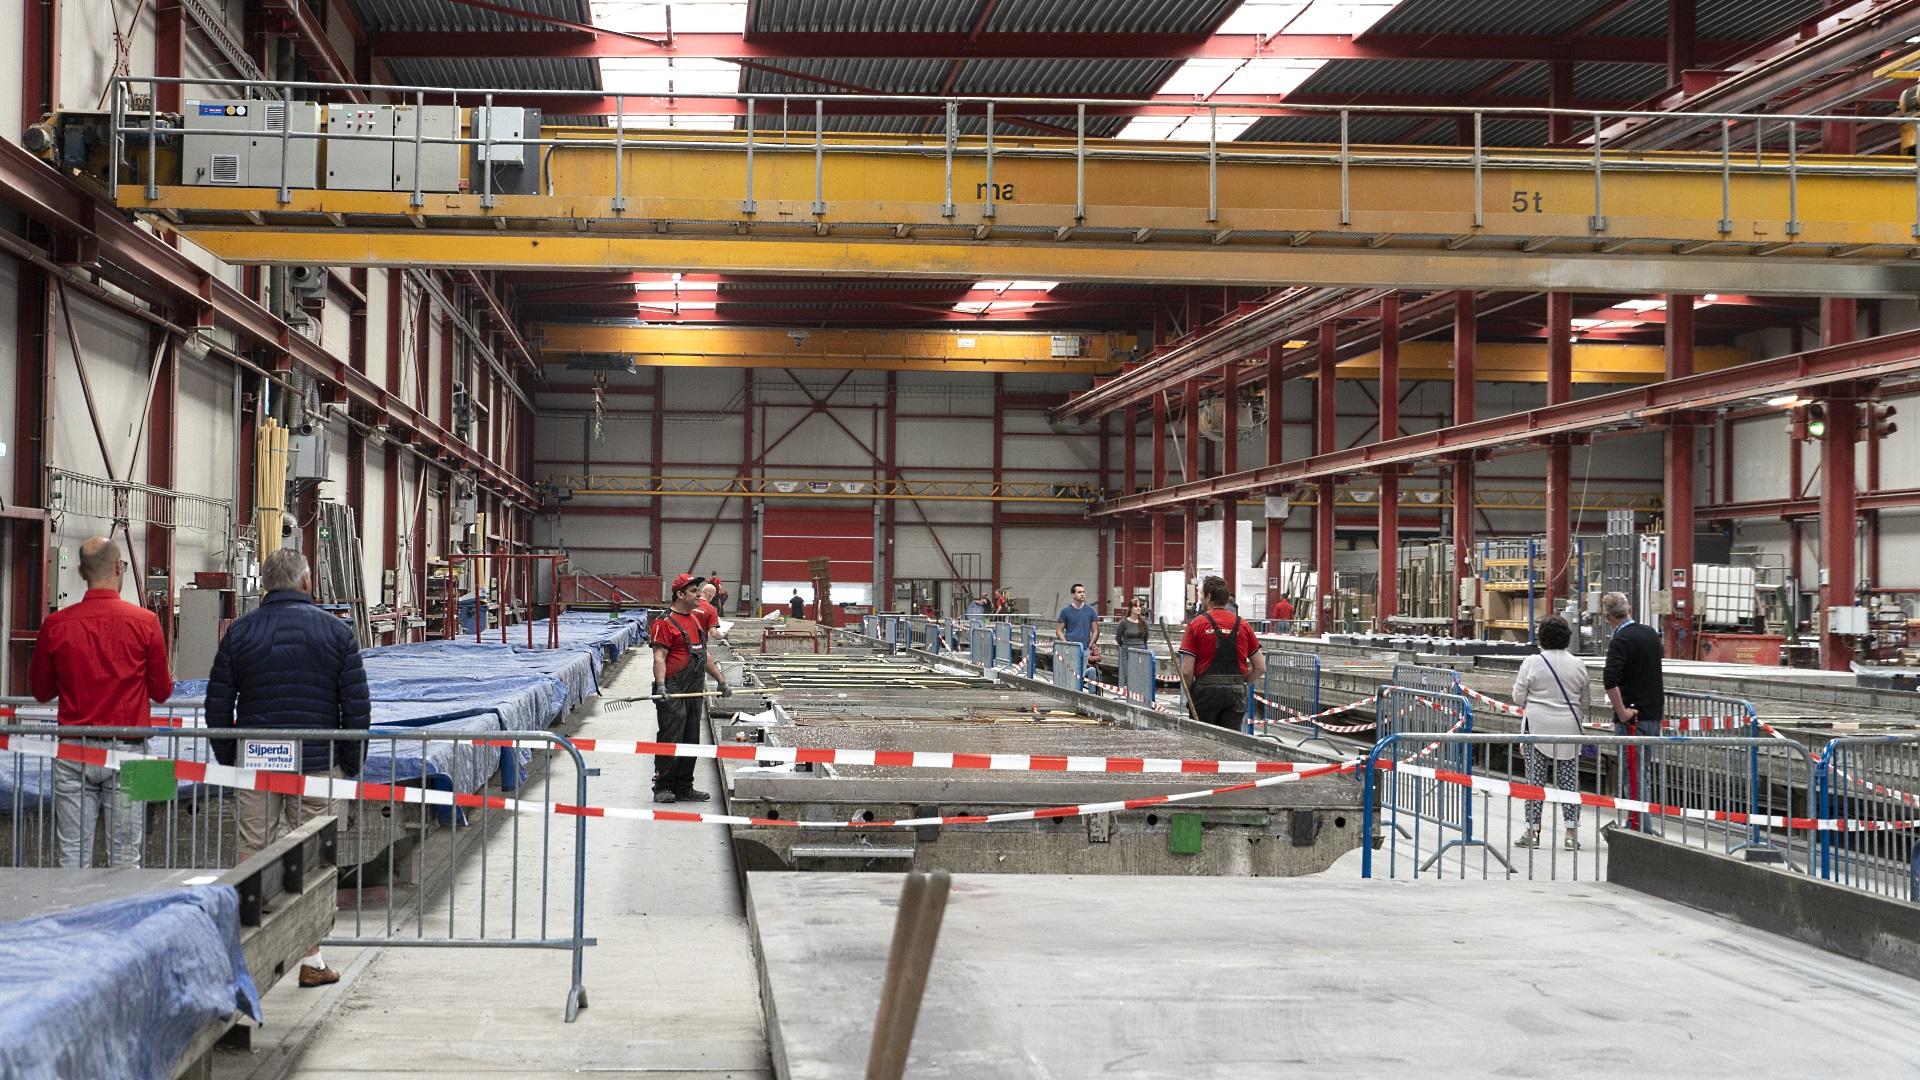 Open dag bij Spaansen Bouwsystemen in Harlingen tijdens de Dag van de Bouw